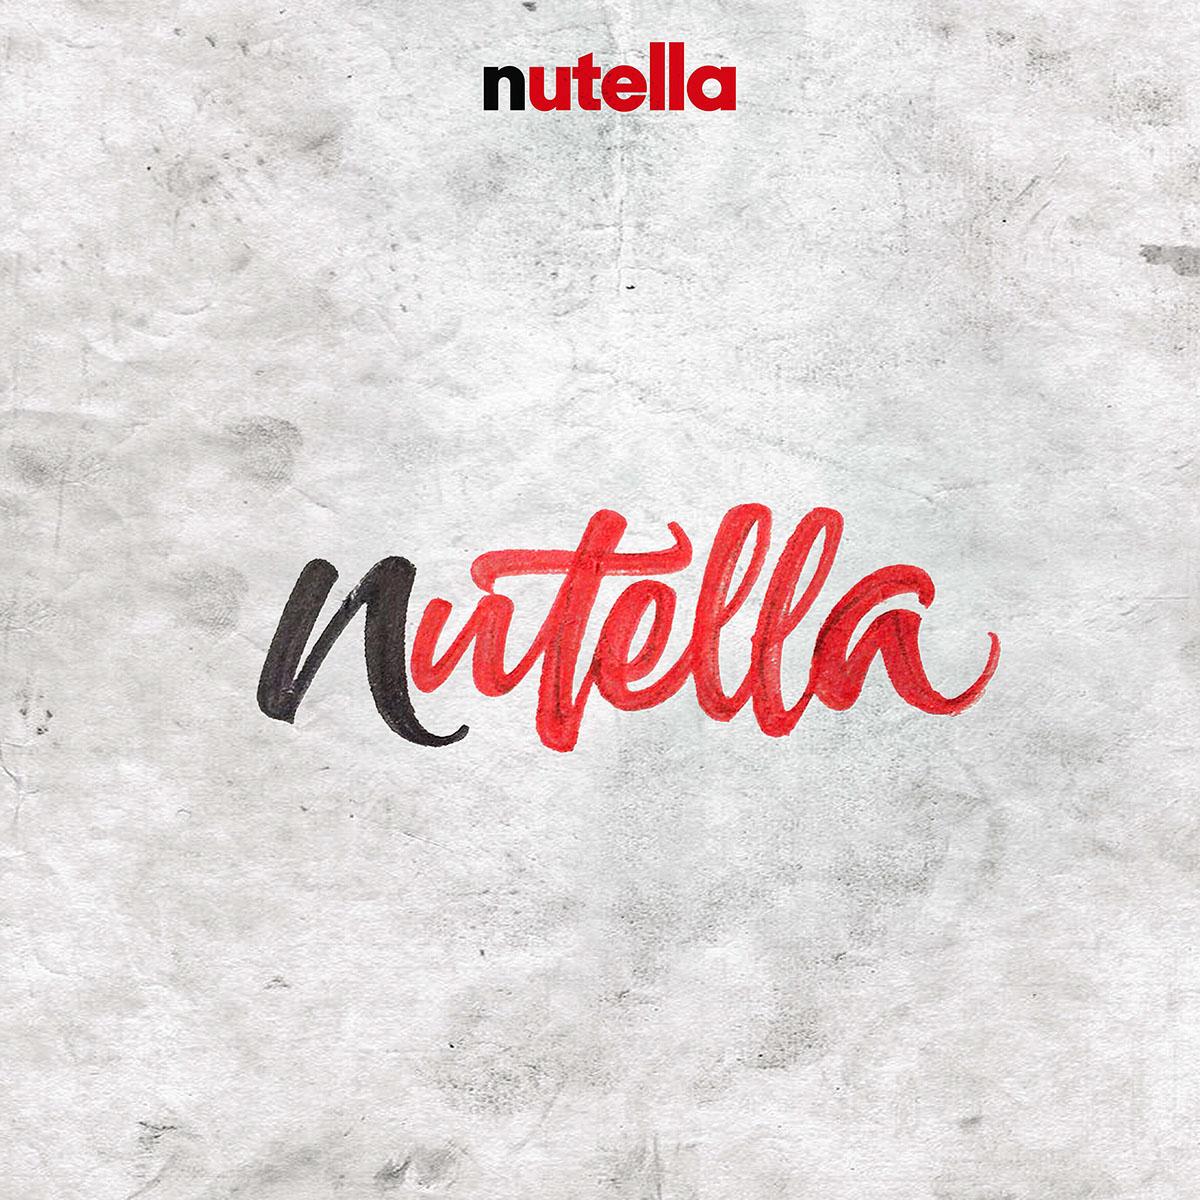 lettering diseño nutella gráfico design